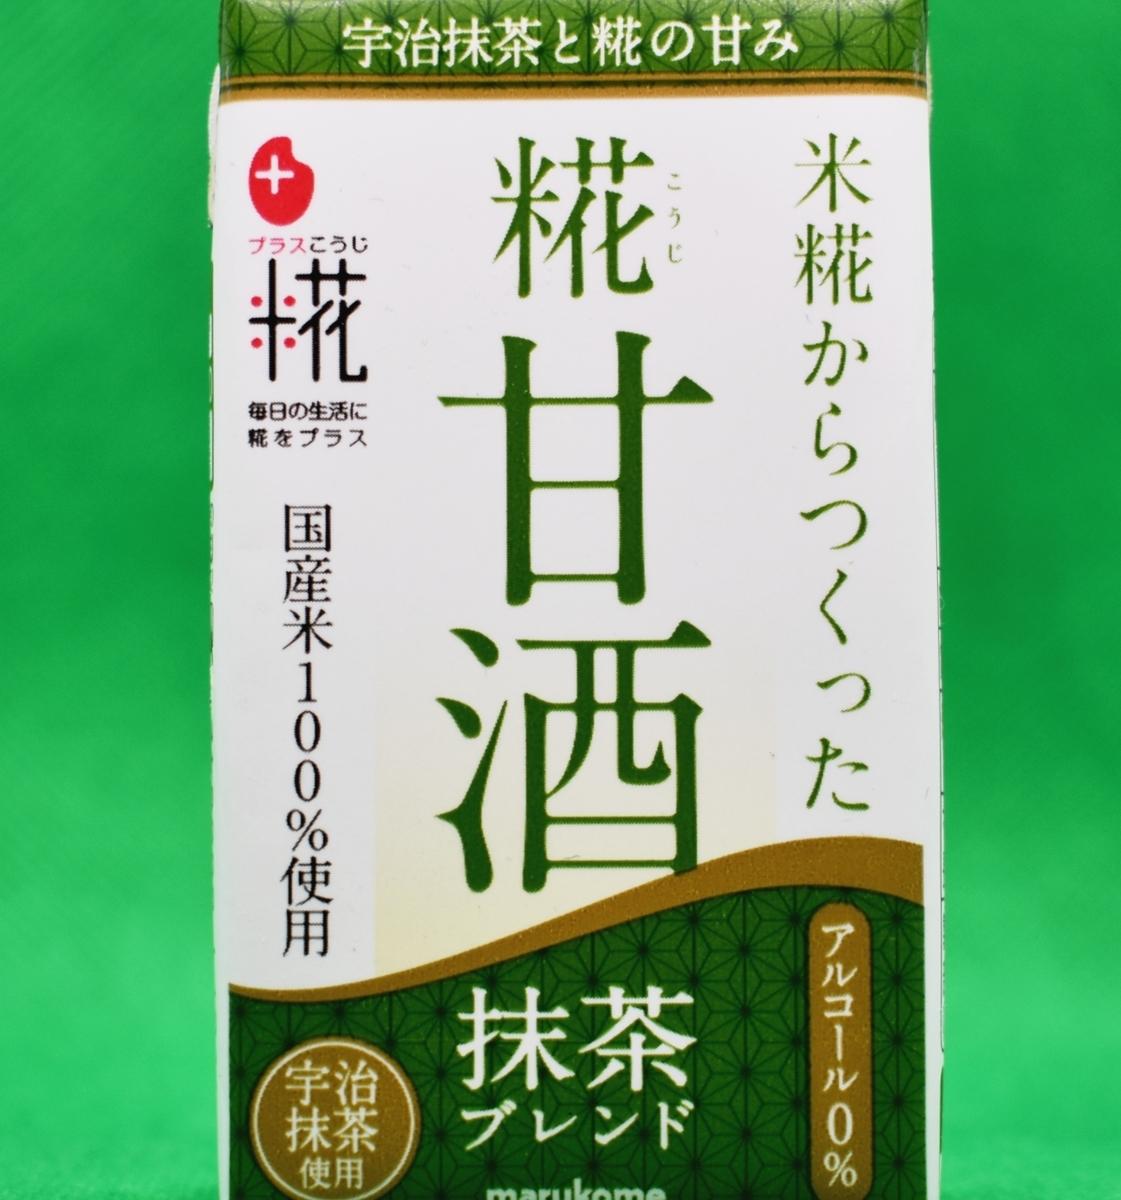 マルコメ,プラス糀,糀甘酒 抹茶ブレンド